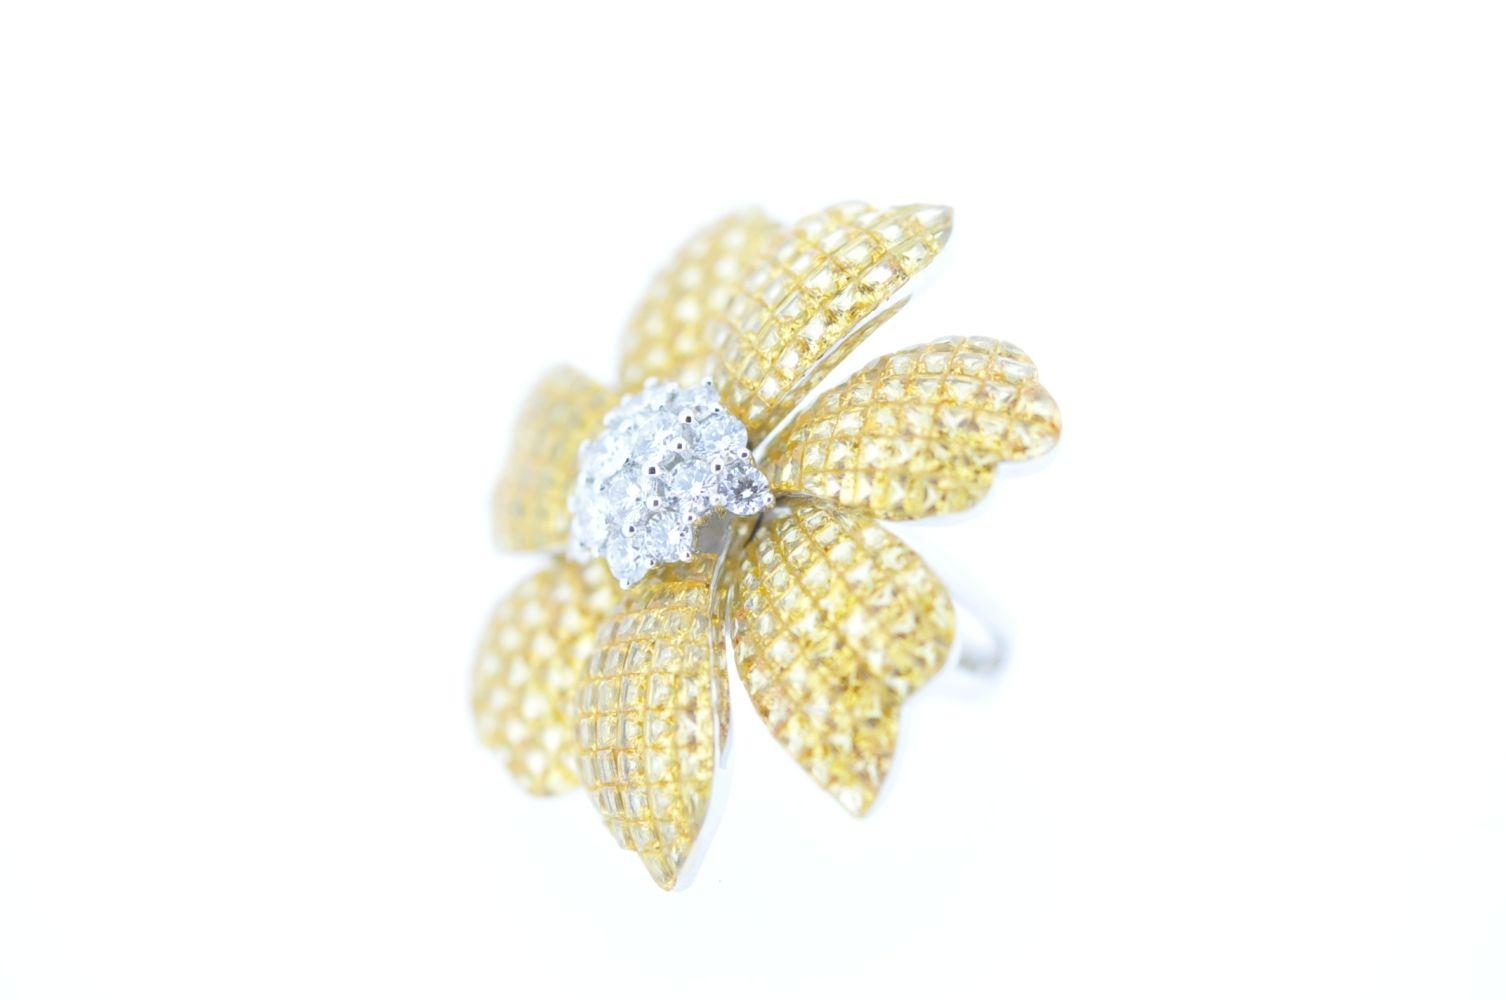 #2 Flower Ring | Blumenring Image